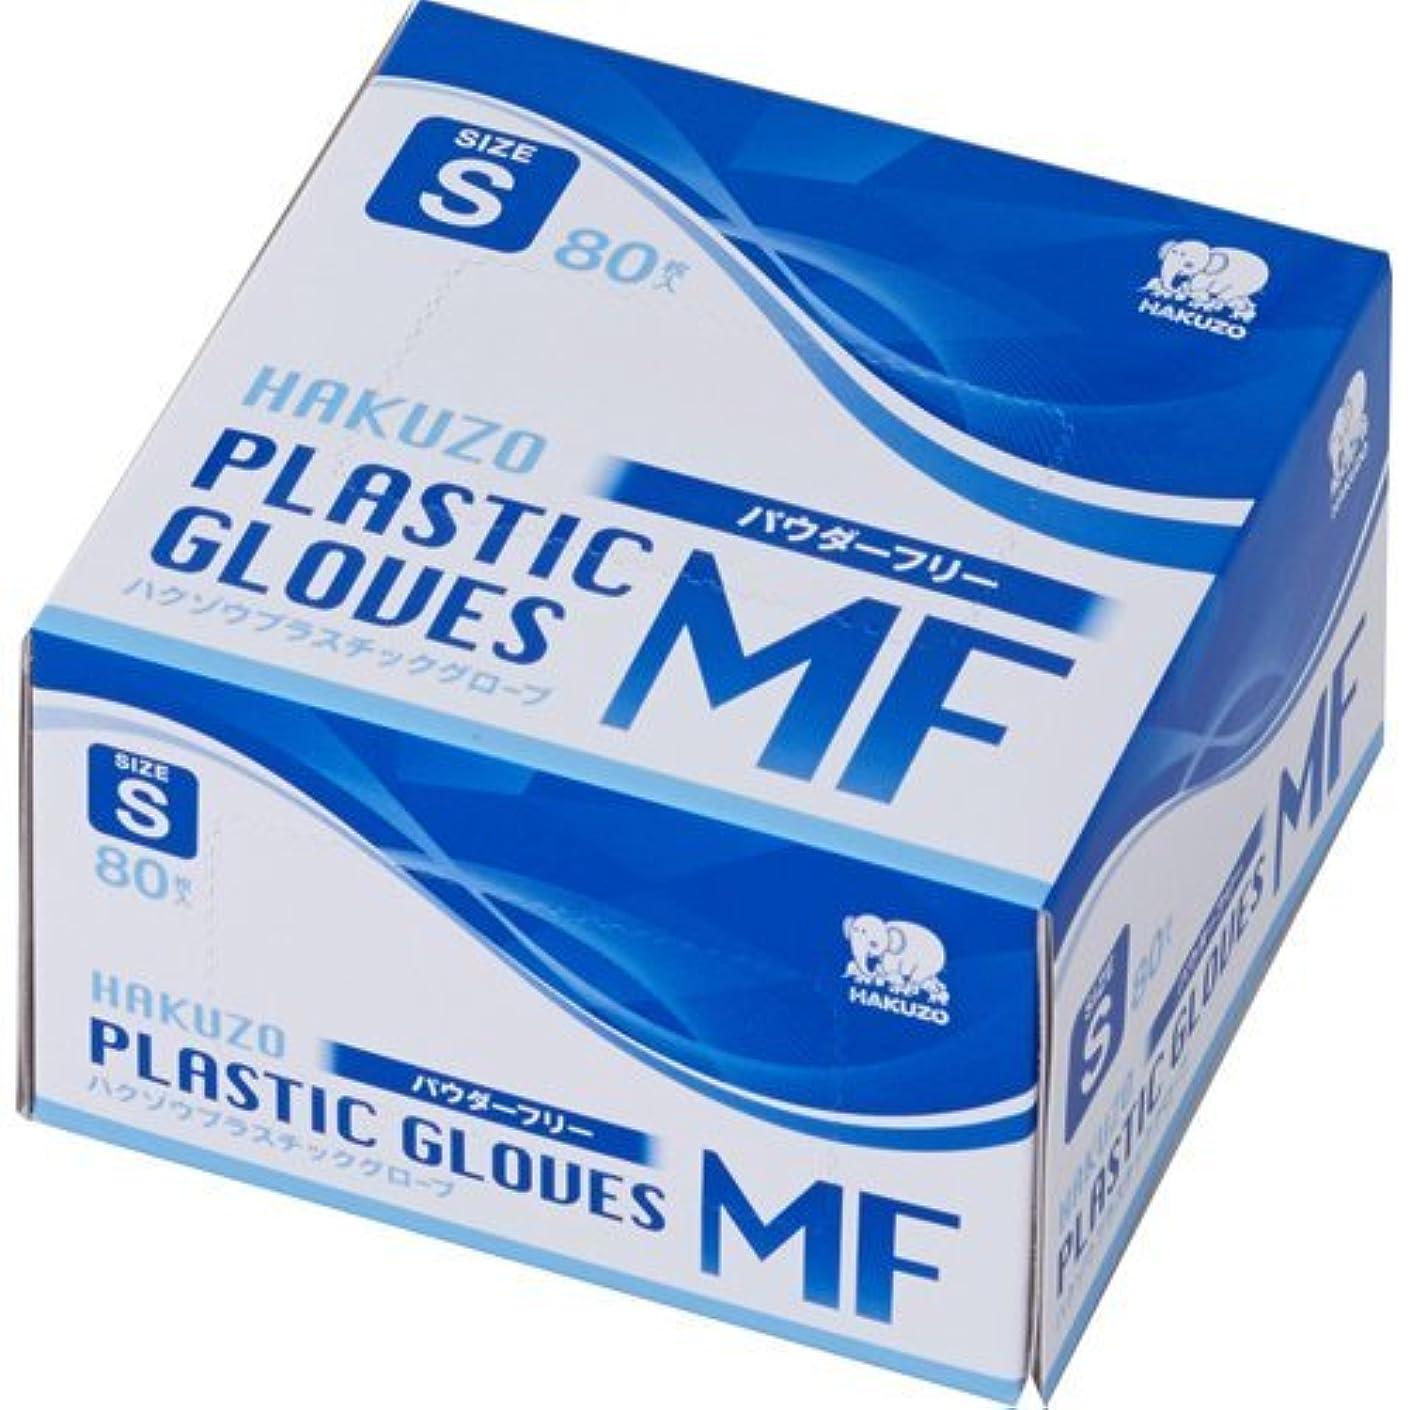 金貸し科学ゆりハクゾウメディカル ハクゾウ プラスチックグローブMF パウダーフリー Sサイズ 80枚入